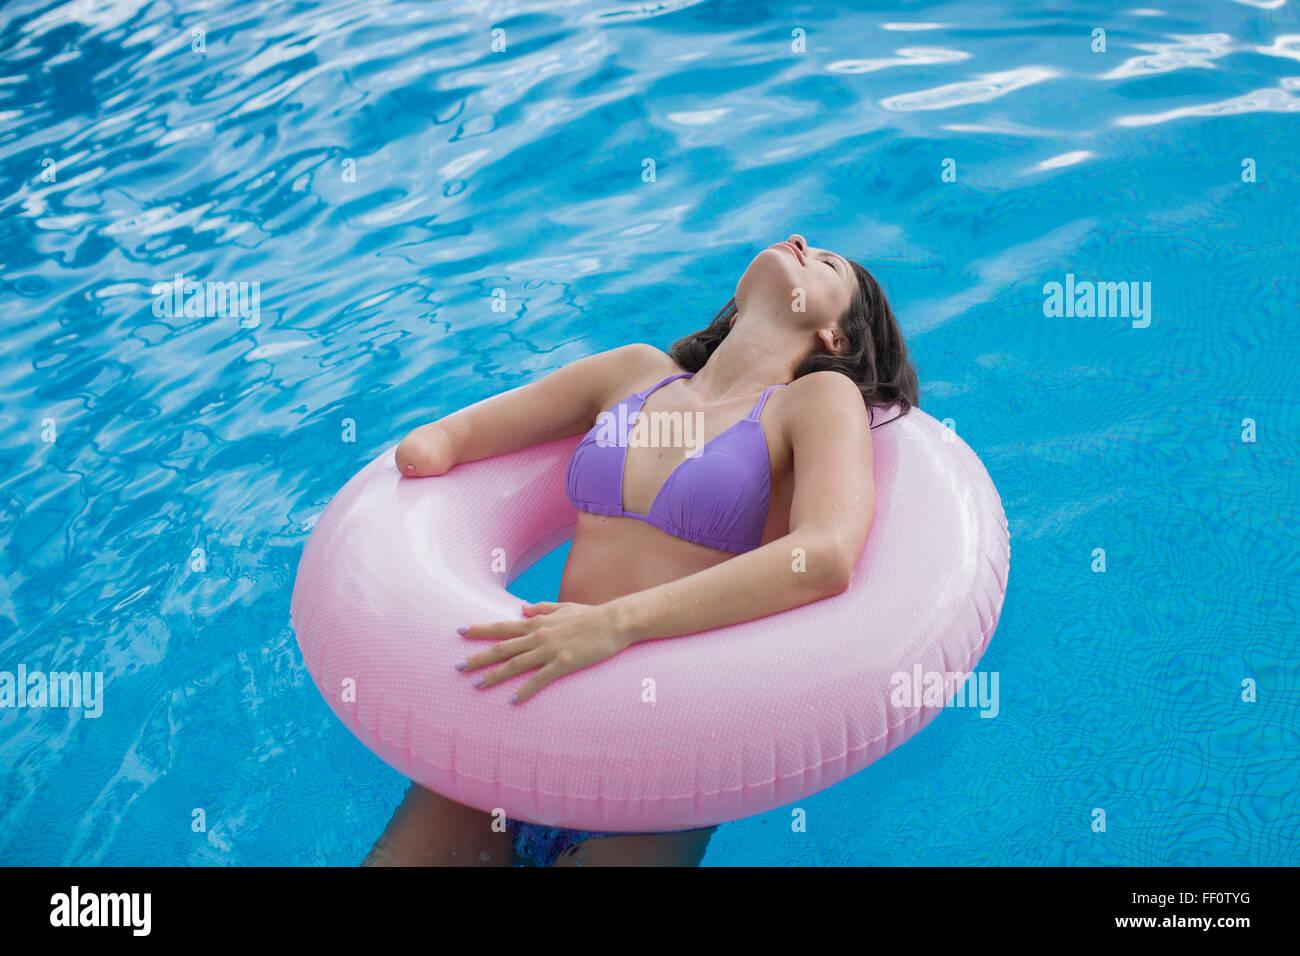 Gemischte Rassen Amputierte Frau Schwimmen im pool Stockfoto